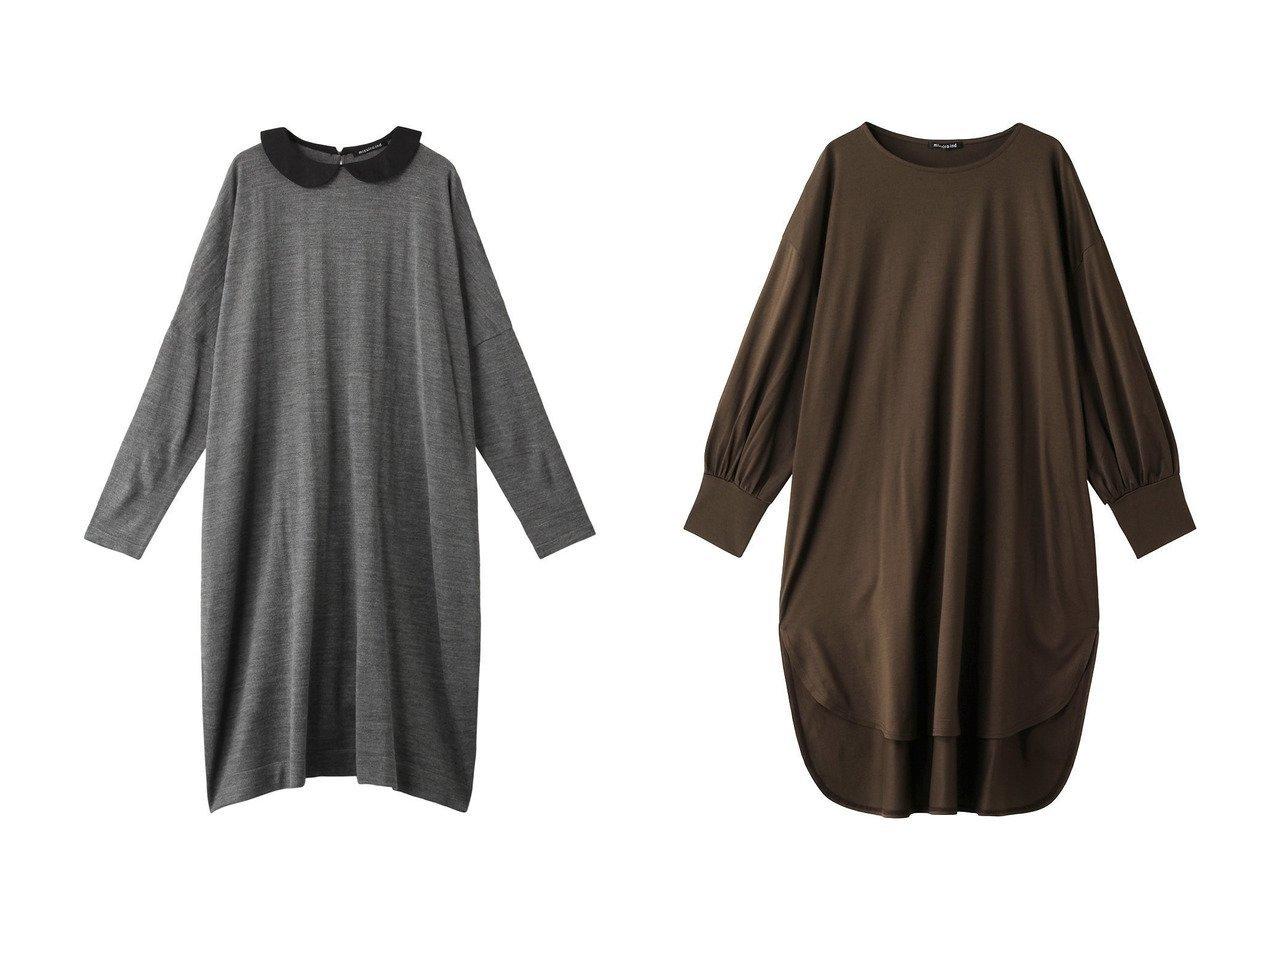 【mizuiro ind/ミズイロ インド】のシャツカラーワイドワンピース&クルーネックワンピース ワンピース・ドレスのおすすめ!人気、トレンド・レディースファッションの通販 おすすめで人気の流行・トレンド、ファッションの通販商品 メンズファッション・キッズファッション・インテリア・家具・レディースファッション・服の通販 founy(ファニー) https://founy.com/ ファッション Fashion レディースファッション WOMEN ワンピース Dress スリット 定番 Standard フェミニン |ID:crp329100000013478